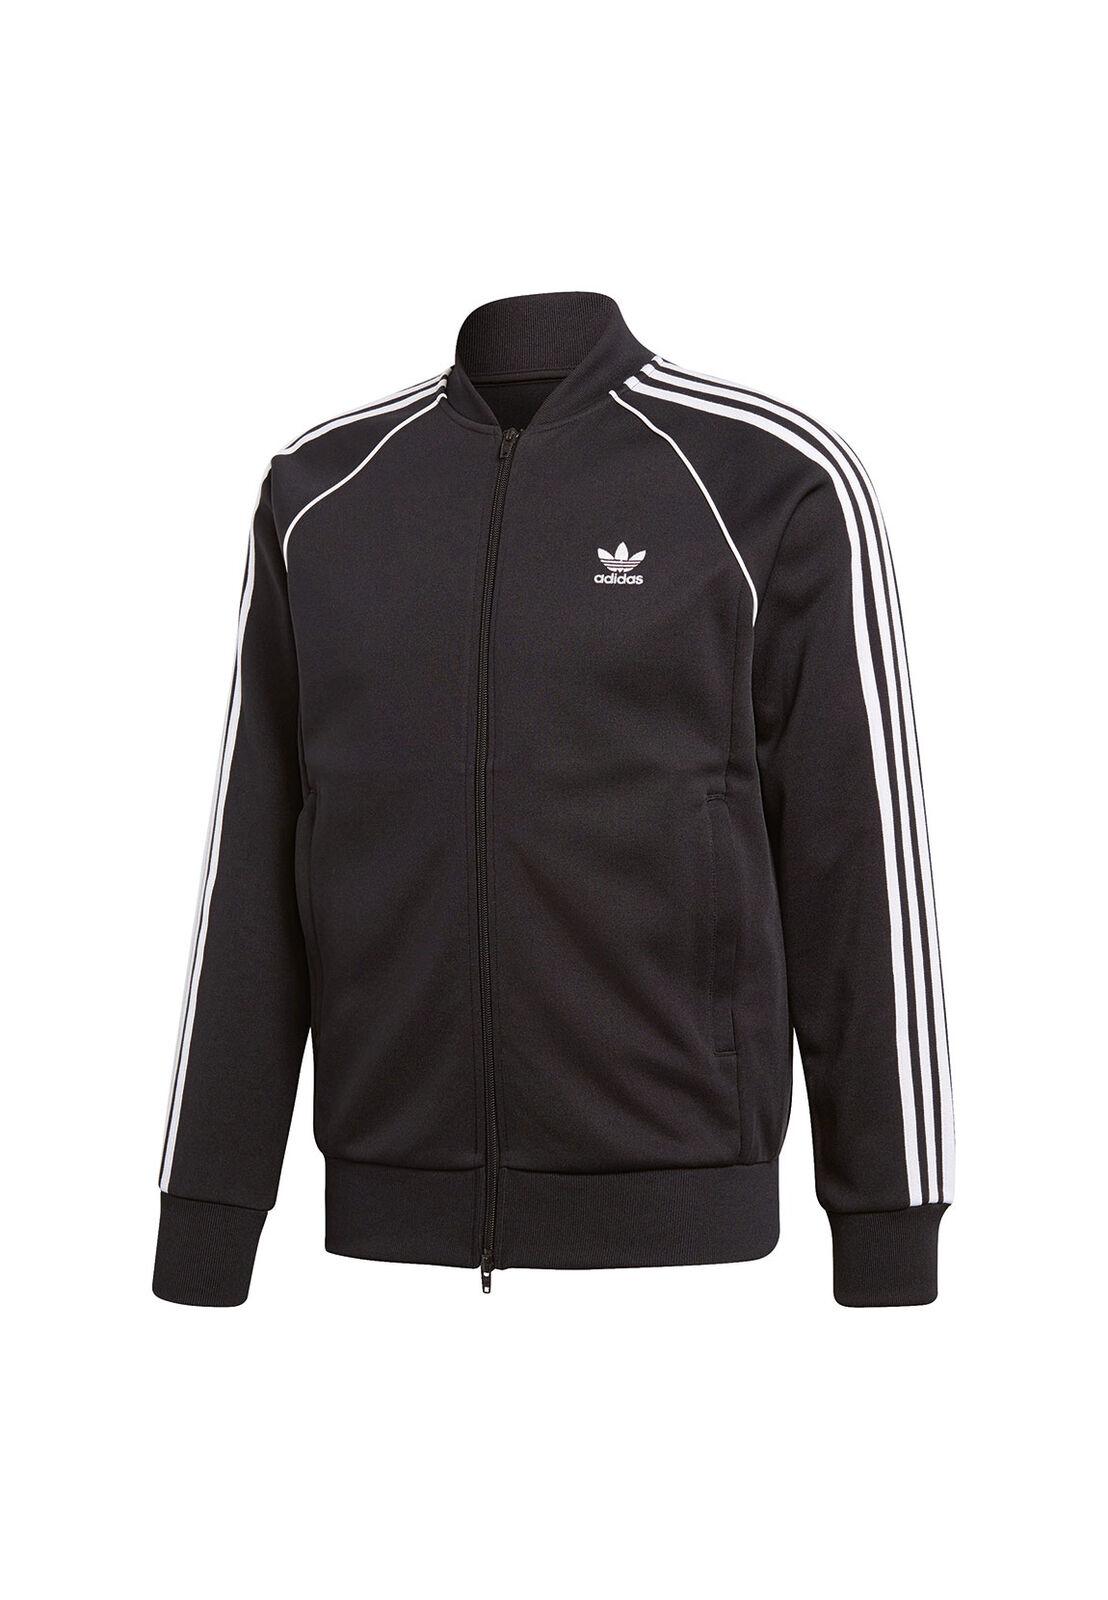 """Adidas ΠρωΟ""""ΟŒΟ""""υπα Ανδρικά σακάκι Sweat SST TT cw1256 Μαύρο"""